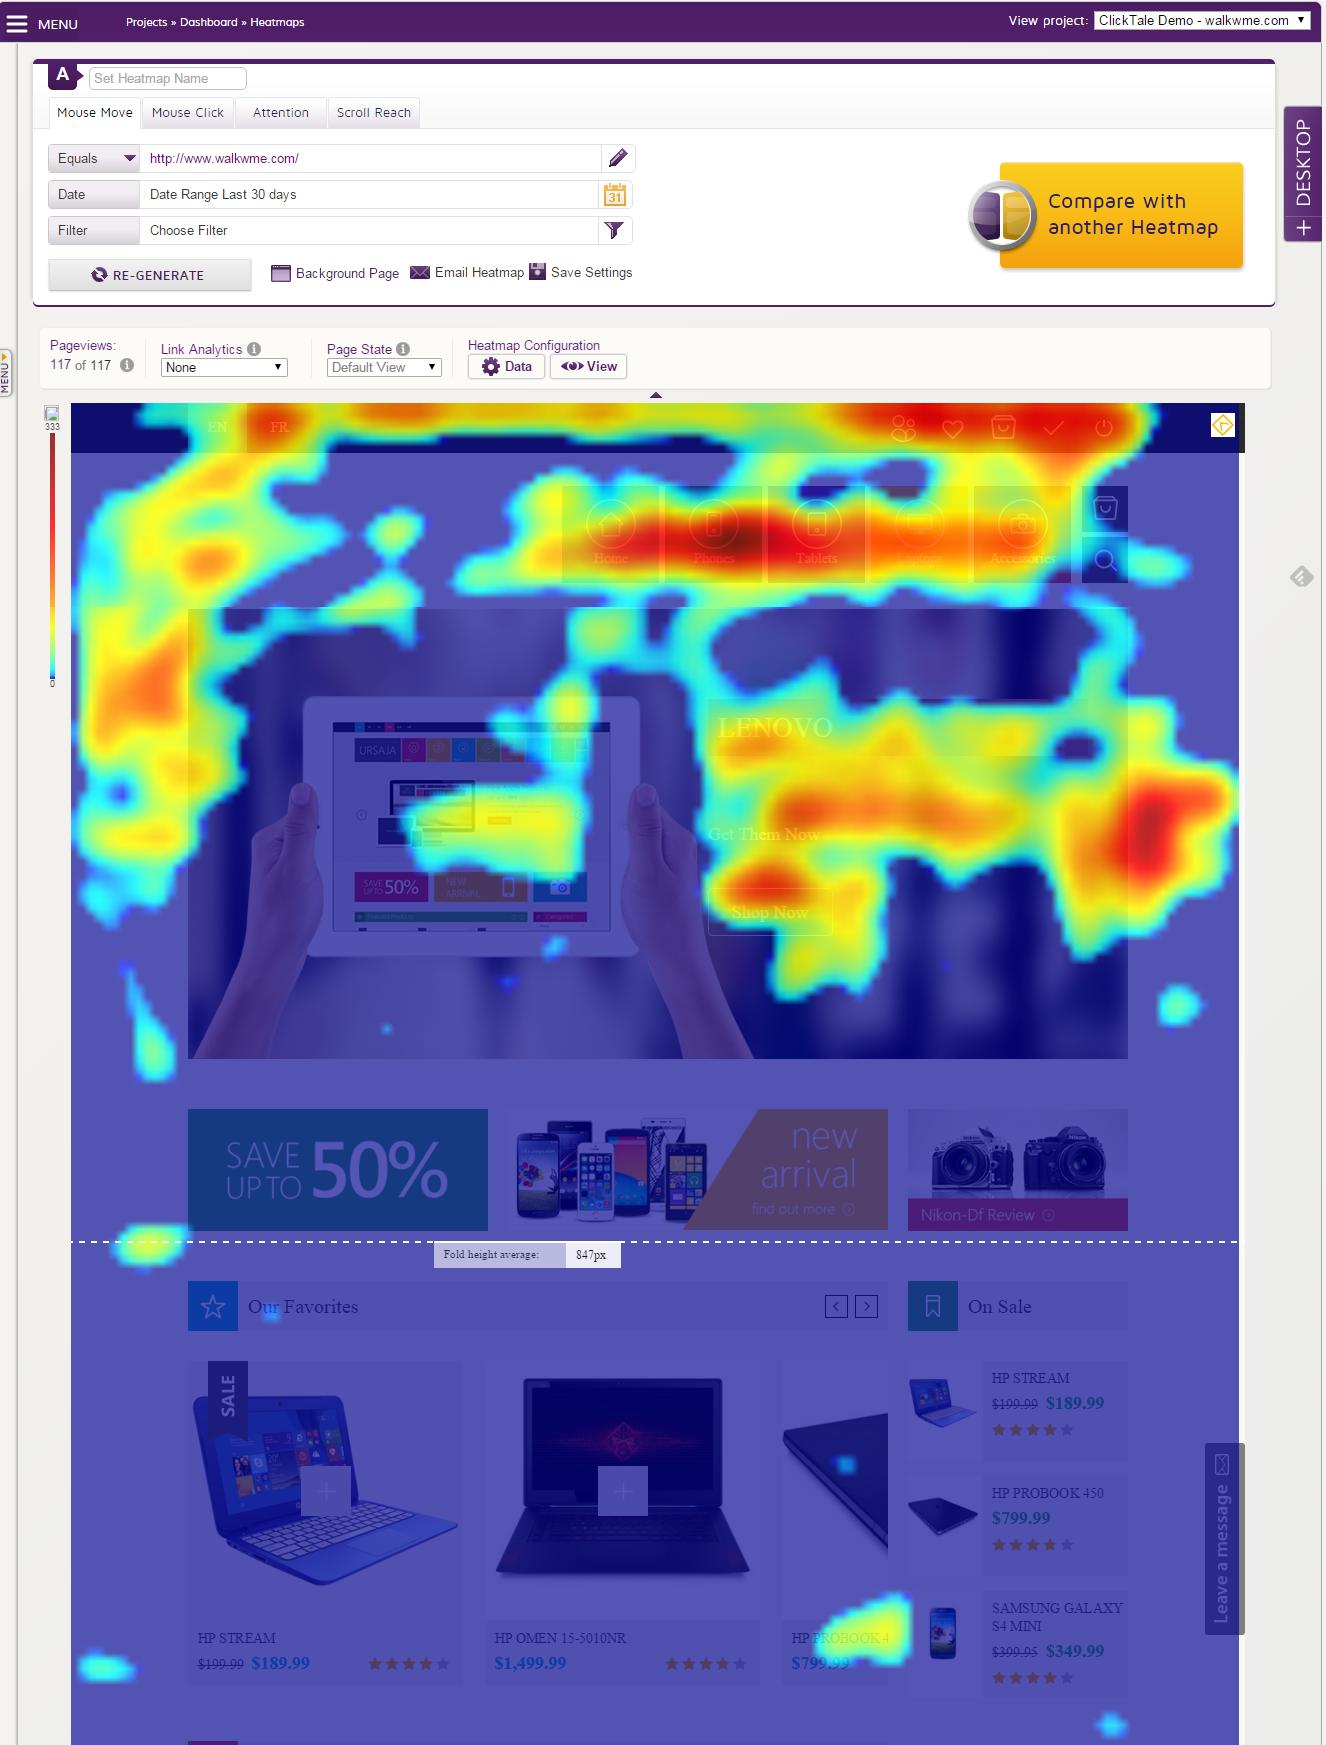 Clicktale Demo -  Mouse Move Heatmap